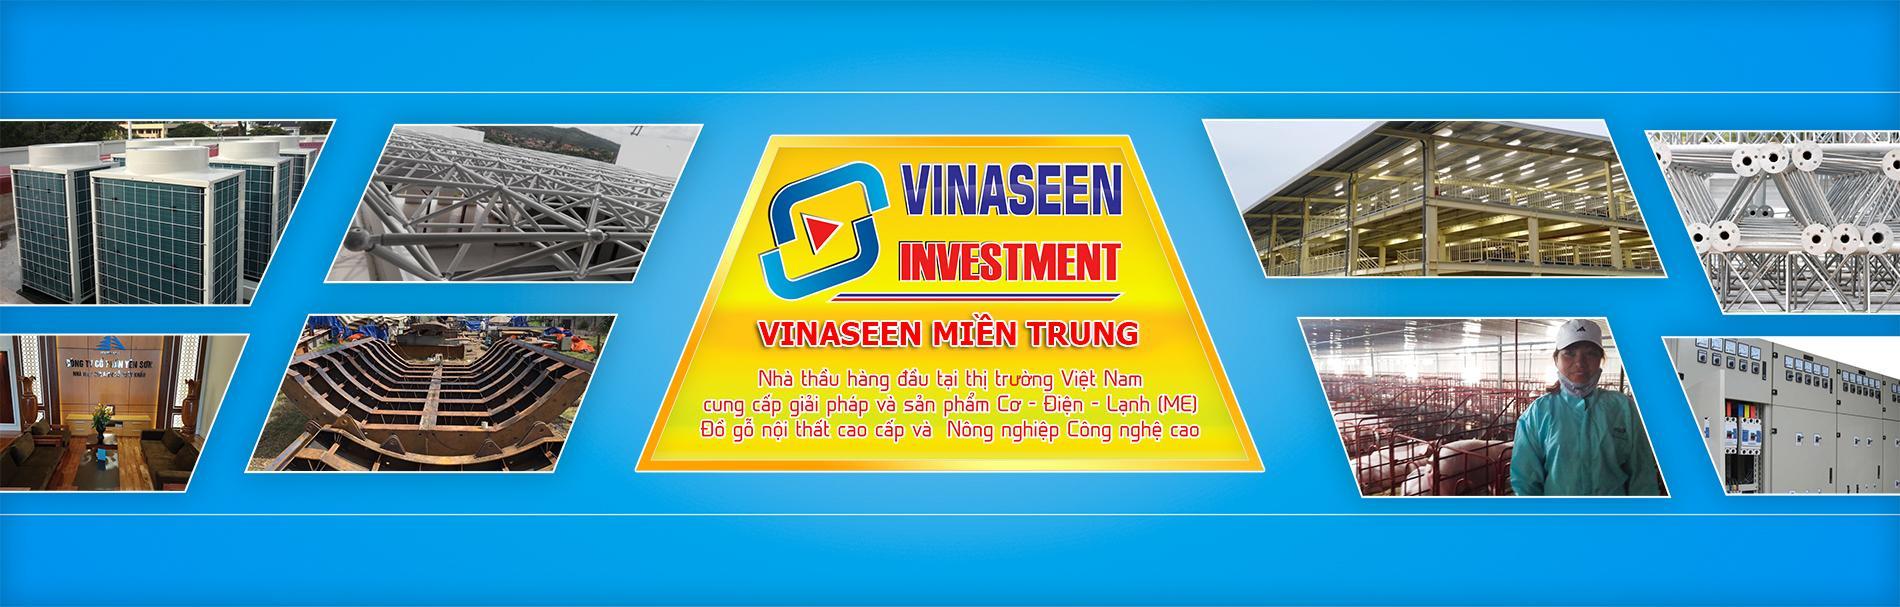 Giới thiệu về Vinaseen Group